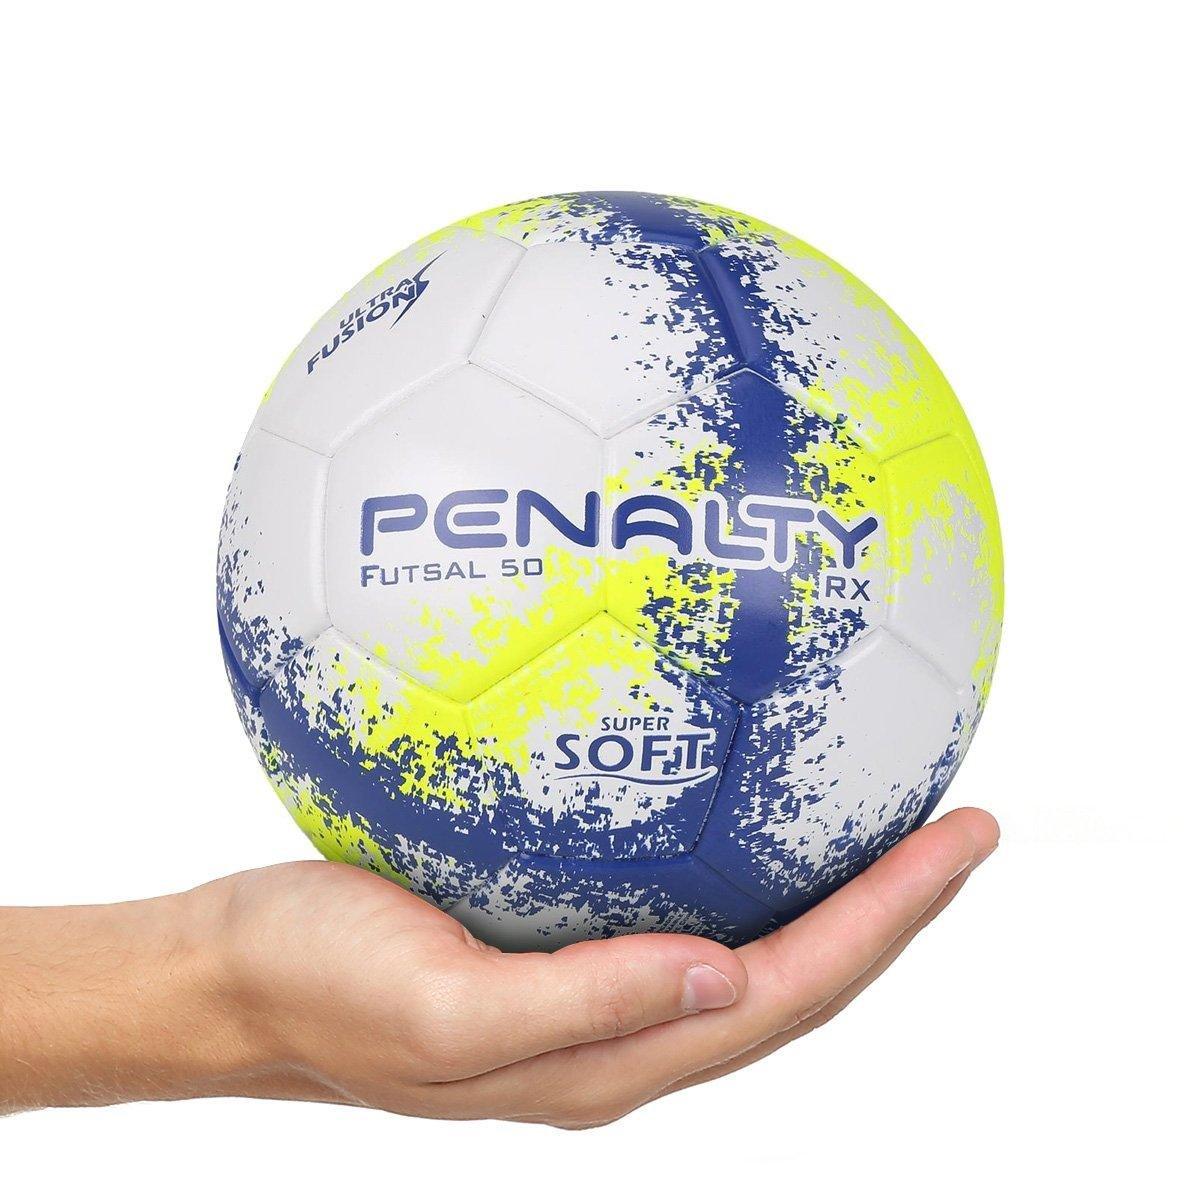 Bolas Penalty Masculinas - Melhores Preços  b7c2fcc5ce773